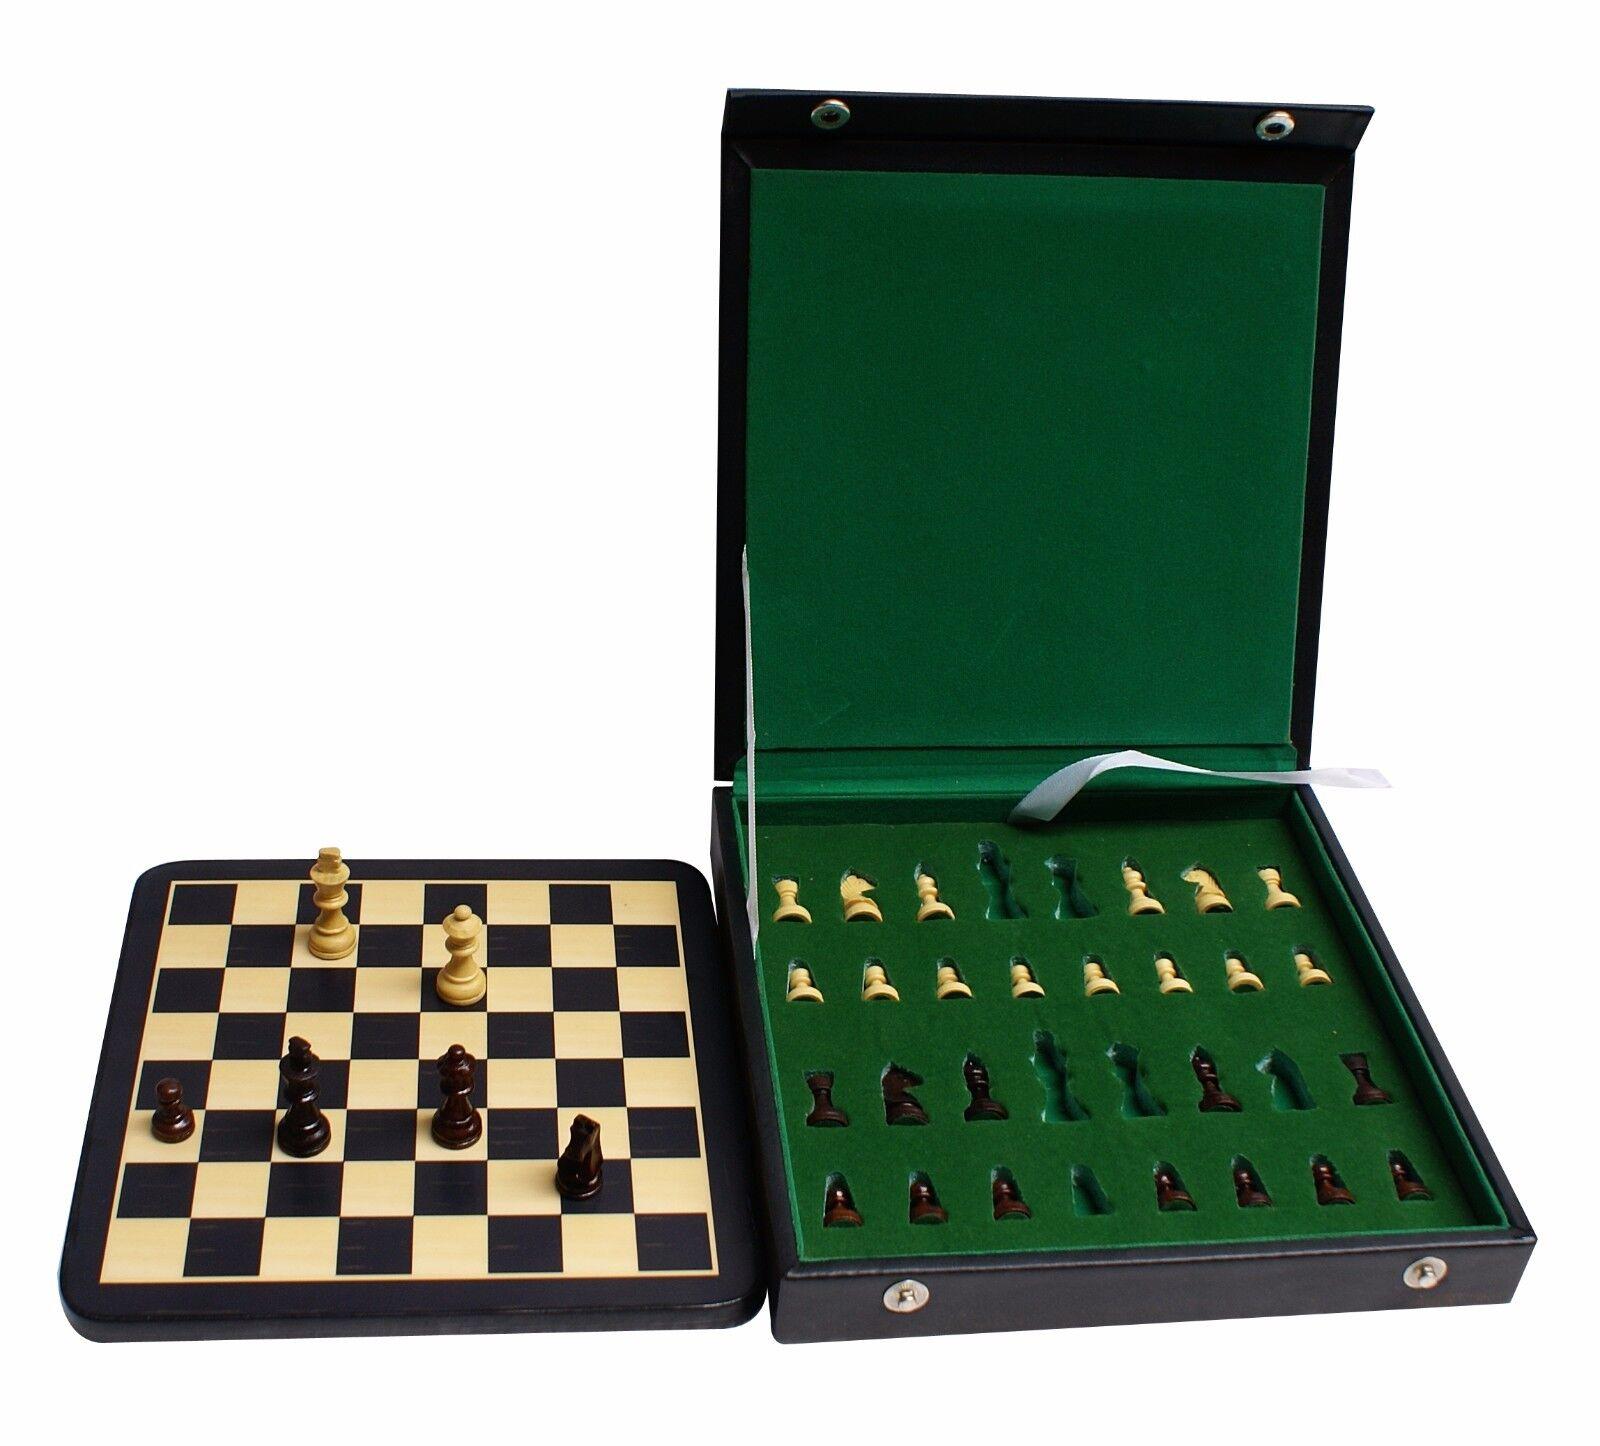 tienda de pescado para la venta Juego de ajedrez magnético viajes Caja de vinilo con con con 7  X 7  y 1.5  Juego de tablero de ajedrez  marca